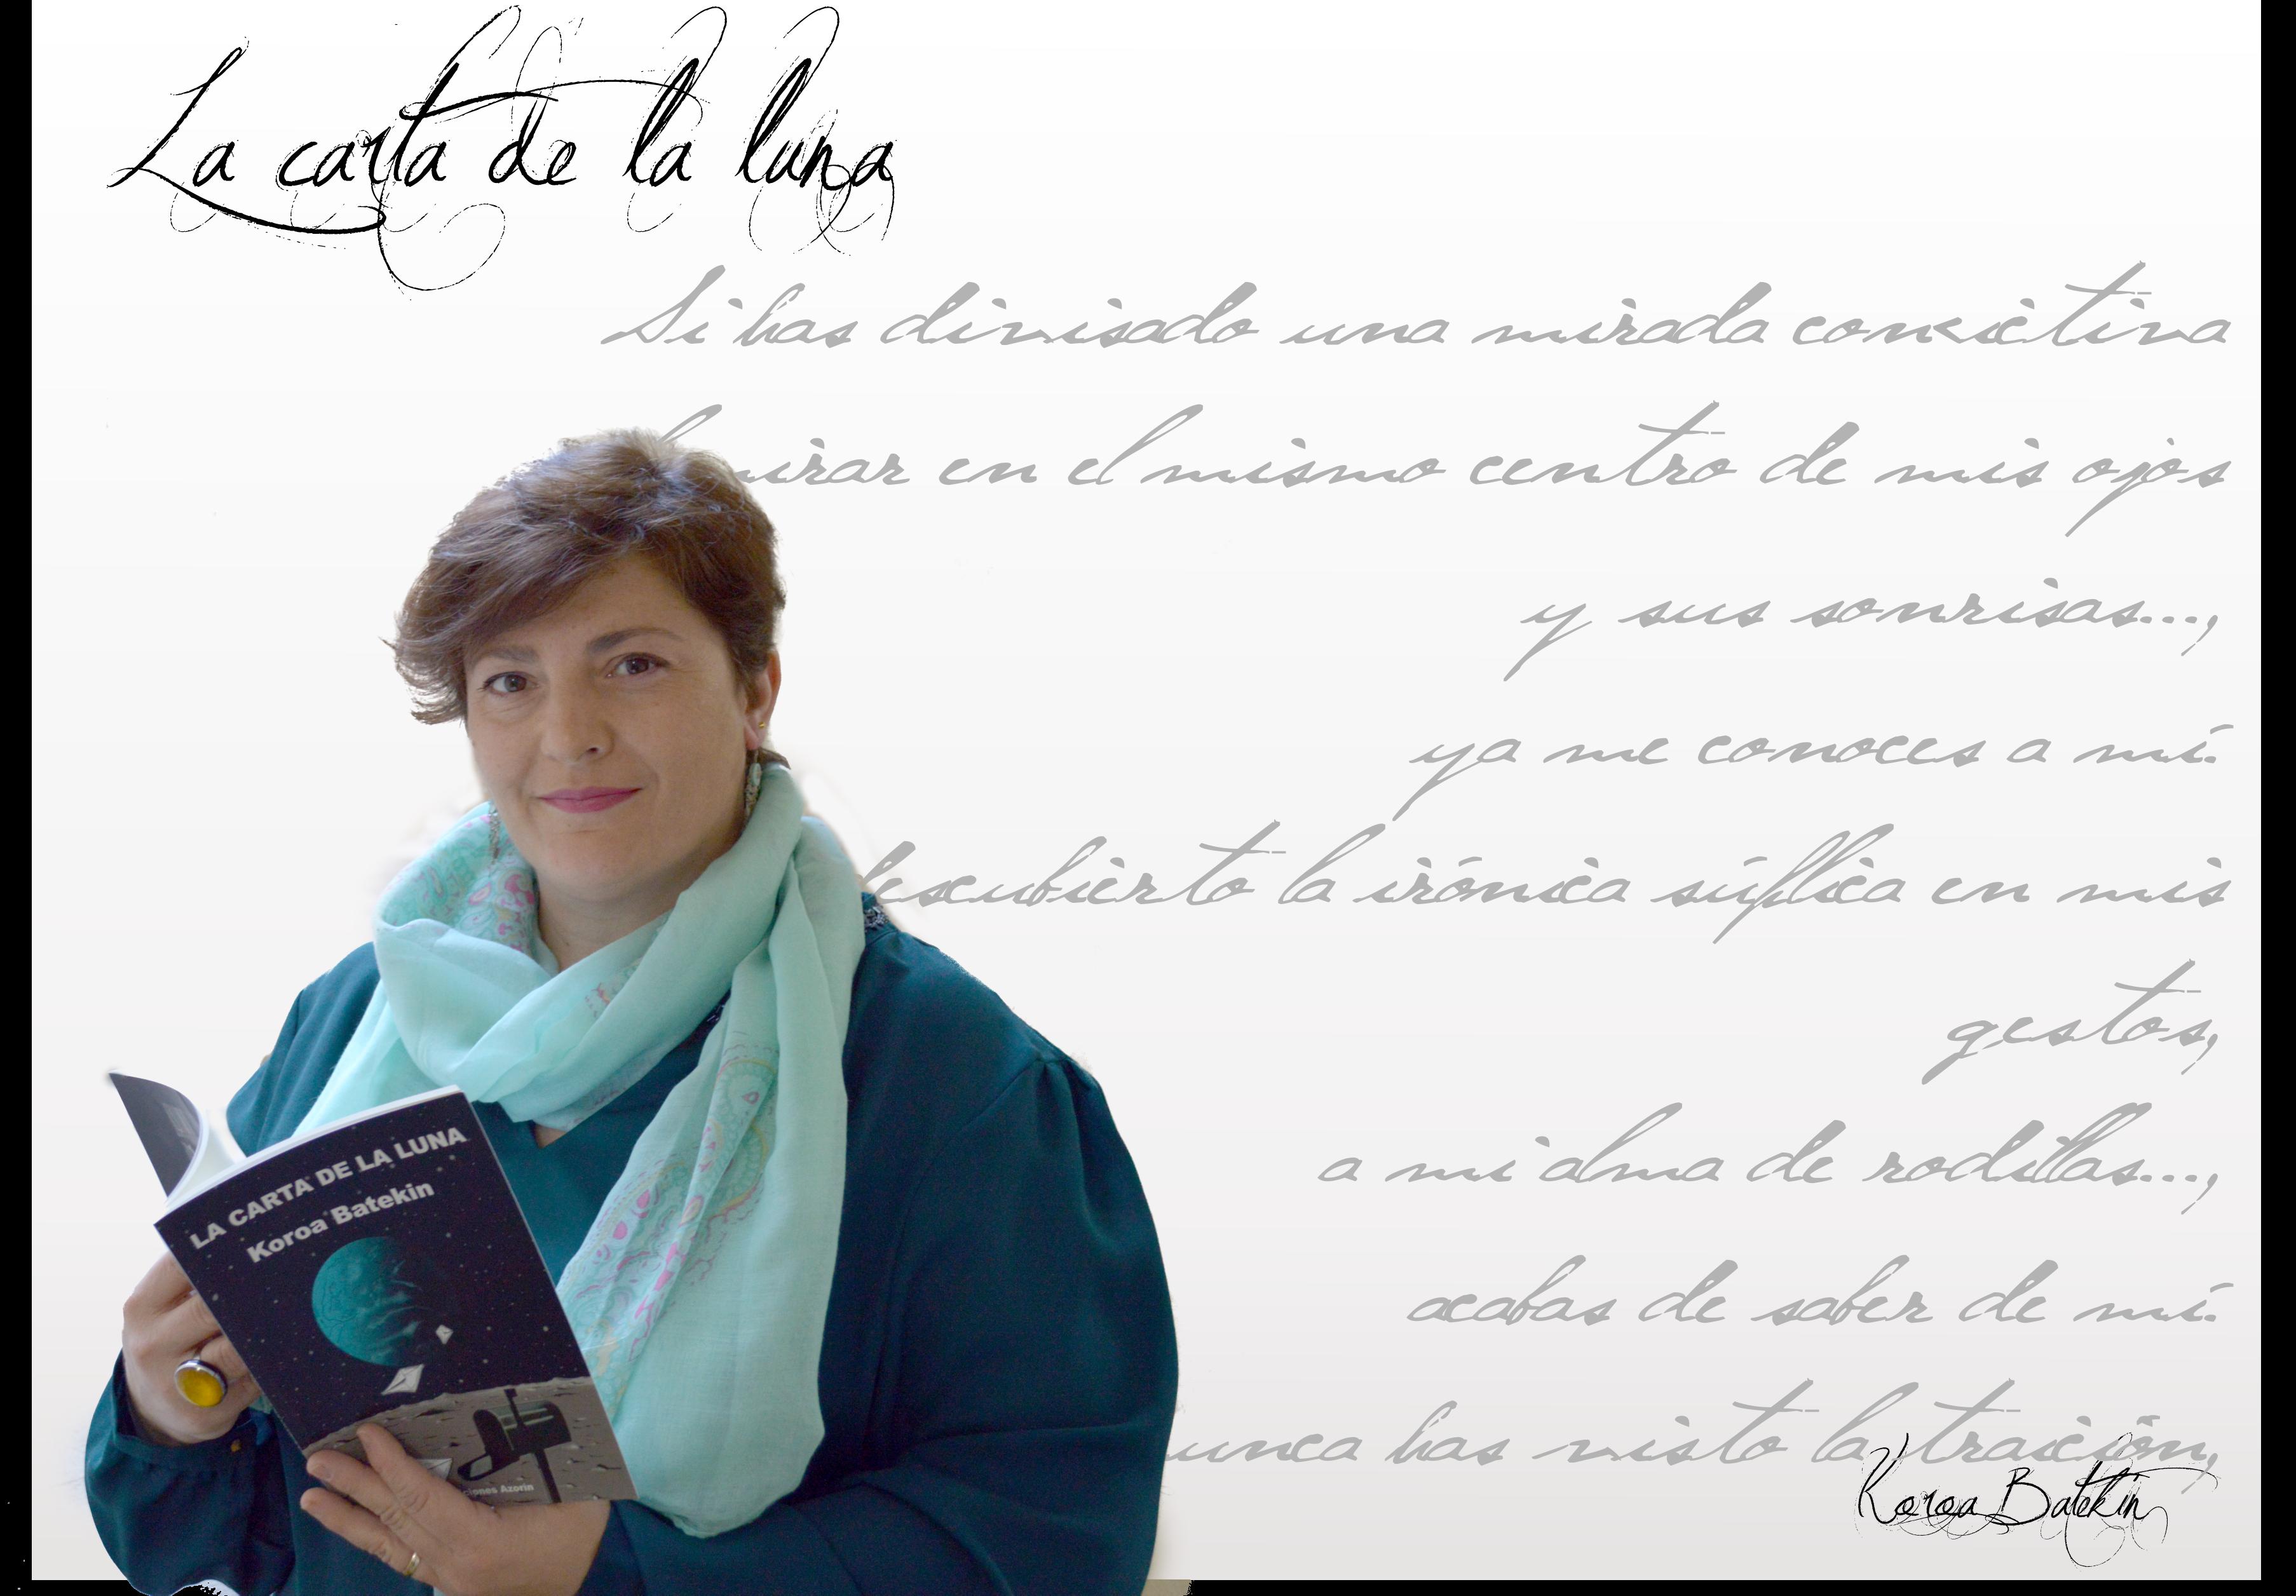 """koroa batekin - koroabatekinrevistapoesiaerestu - Koroa Batekin: """"Nunca he dejado de escribir. He compaginado siempre las letra con el trabajo, los estudios y la maternidad""""."""